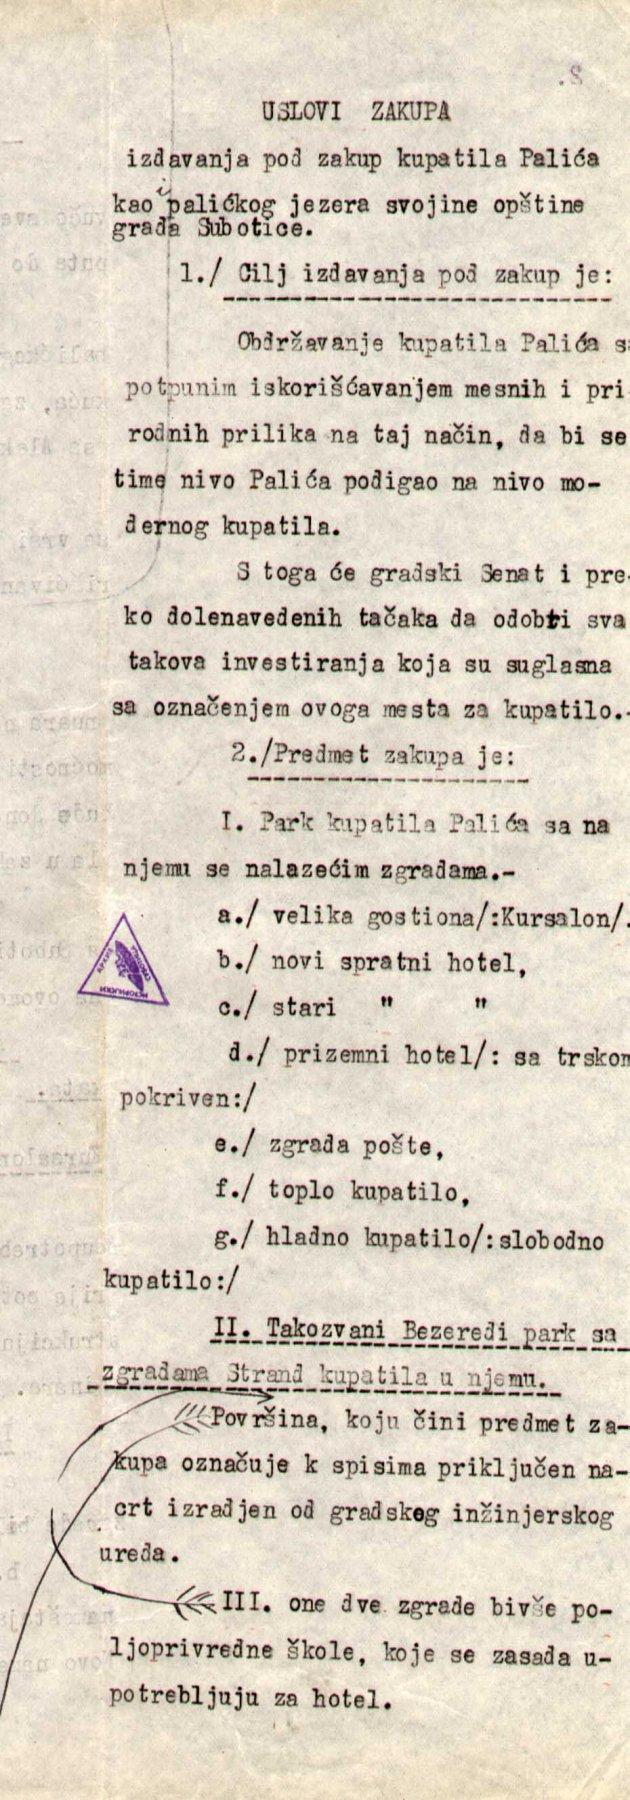 IAS F 47 XVIII 38 1925 uslovi zakupa Palića